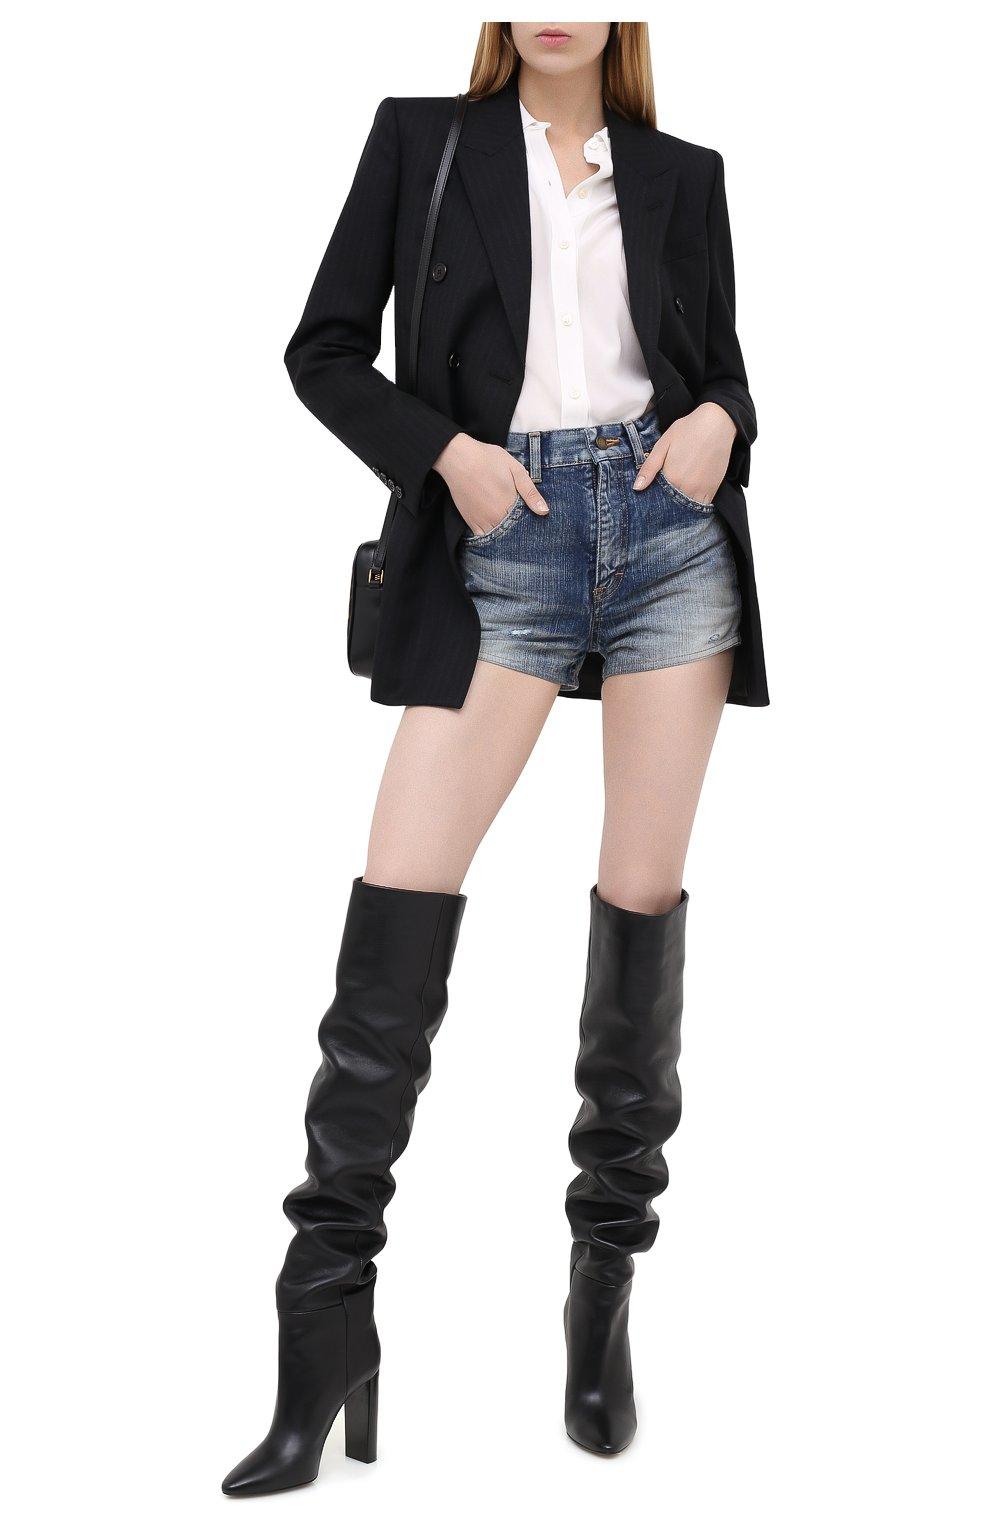 Женские джинсовые шорты SAINT LAURENT синего цвета, арт. 635478/Y896G   Фото 2 (Женское Кросс-КТ: Шорты-одежда; Кросс-КТ: Деним; Длина Ж (юбки, платья, шорты): Мини; Материал внешний: Хлопок; Стили: Кэжуэл)